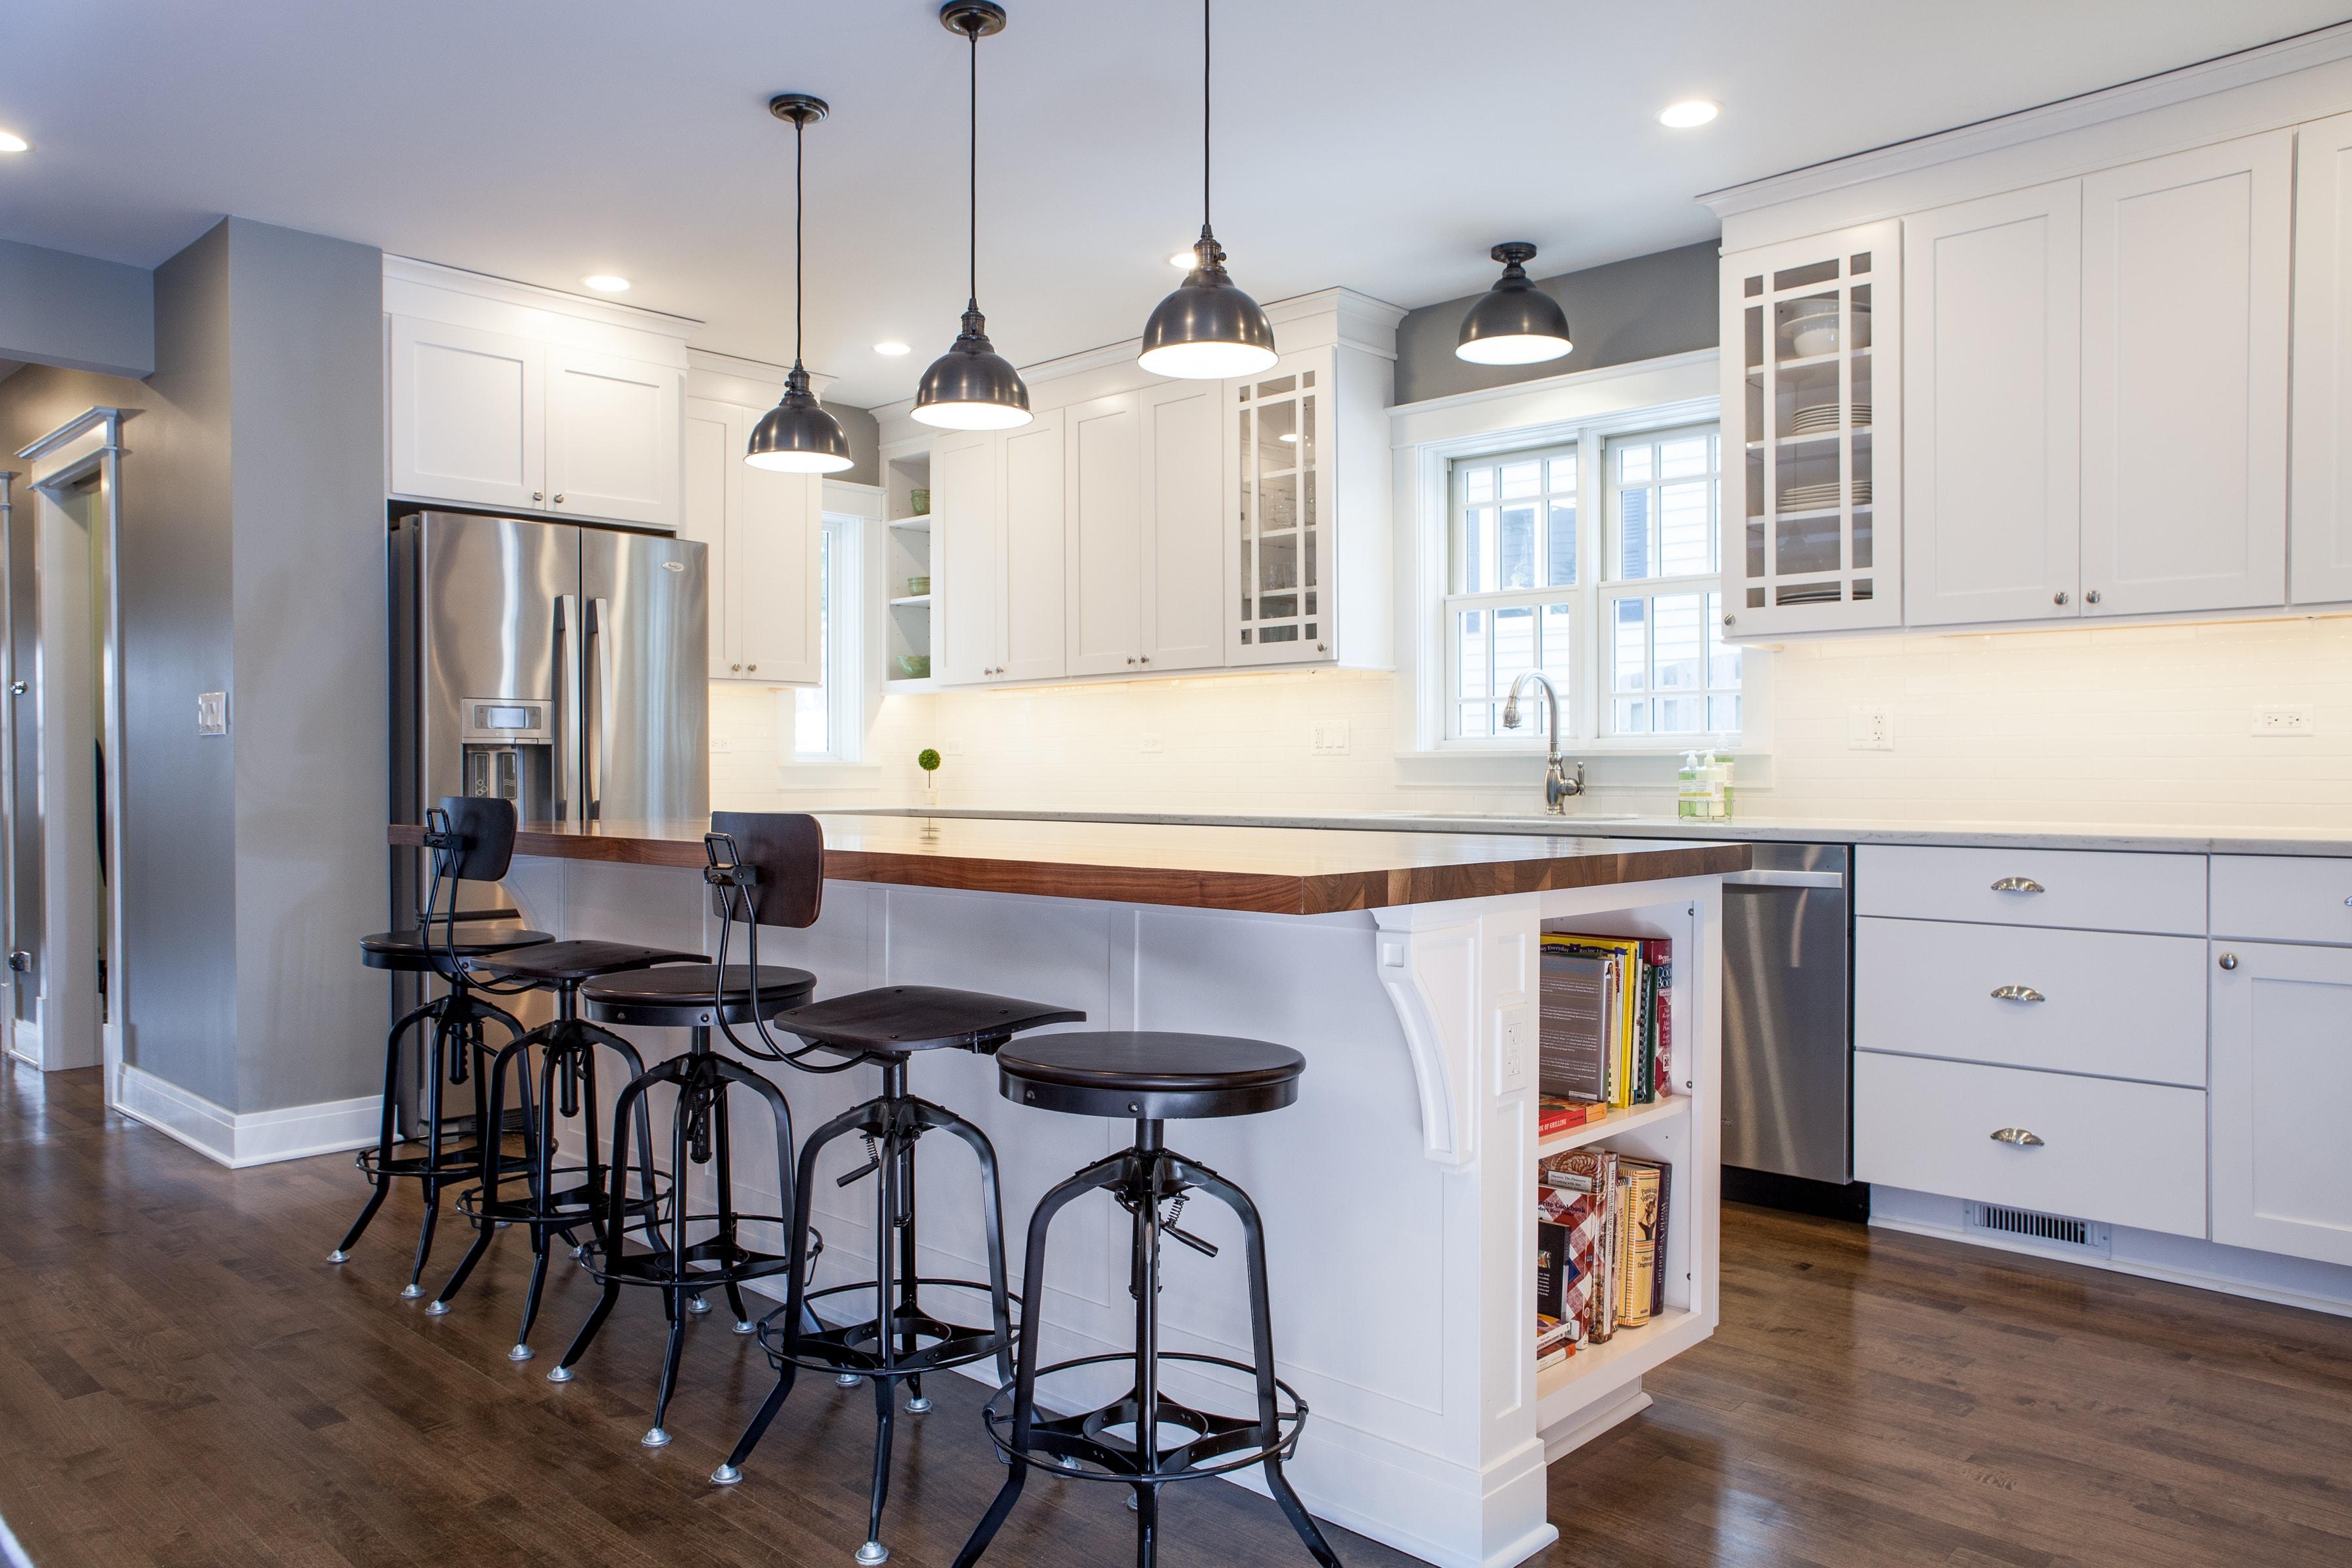 Kitchen Island Layout Idea - Libertyville Kitchen